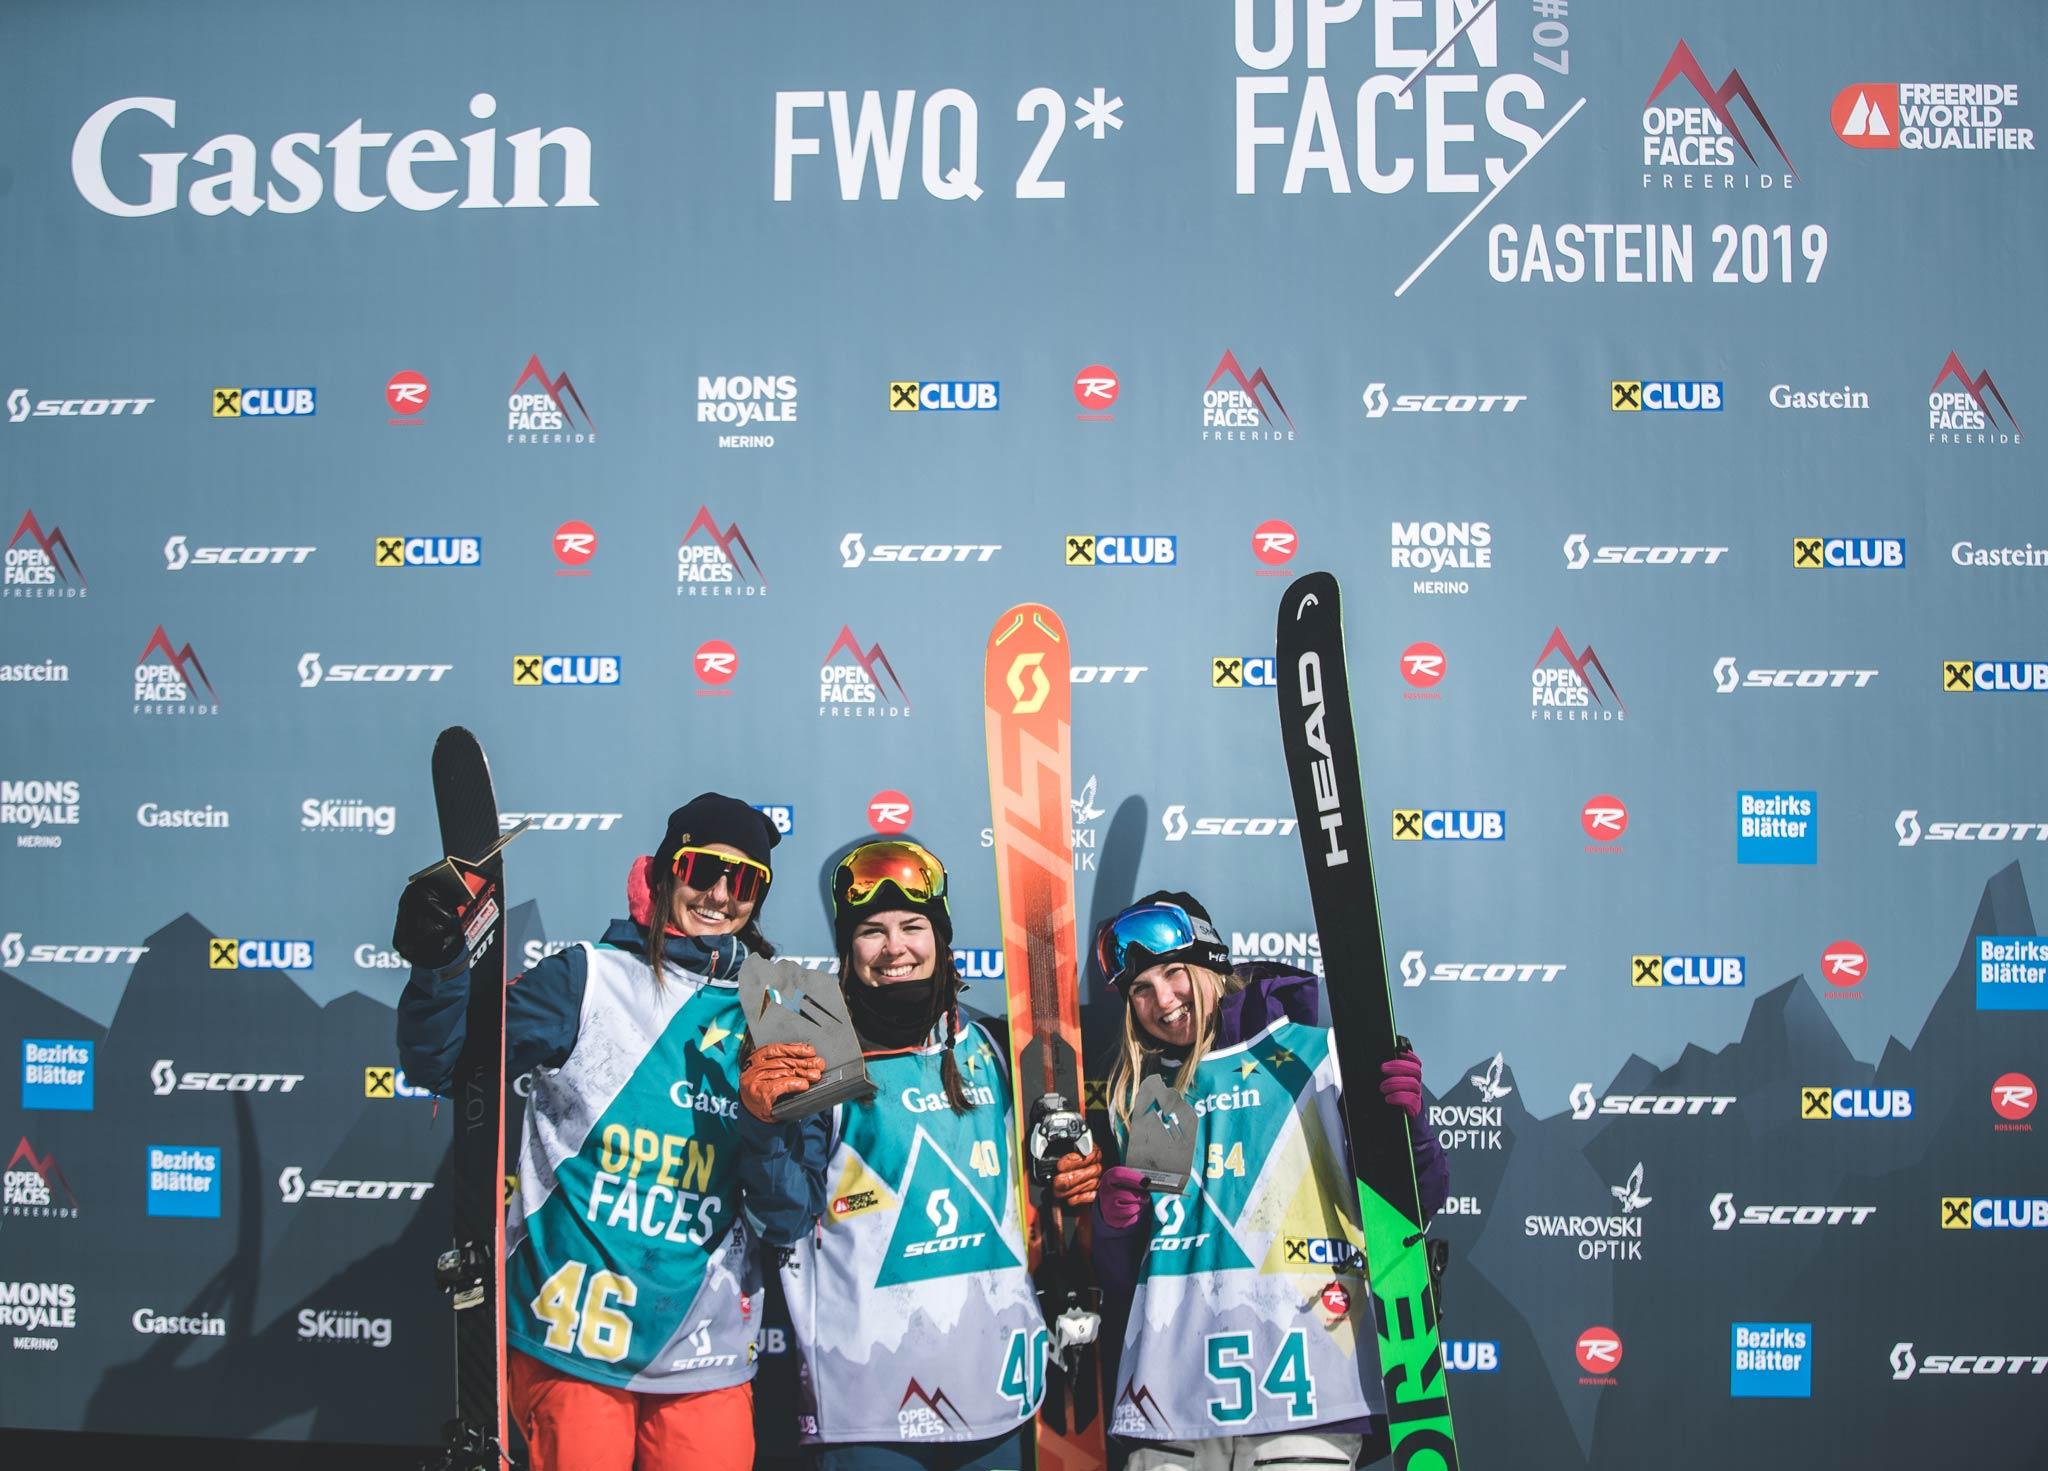 Die drei besten Frauen in Gastein: Sabine Schipflinger (AUT), Laura Überbacher (AUT) und Jill Frey (GER) Foto: Maria Knoll